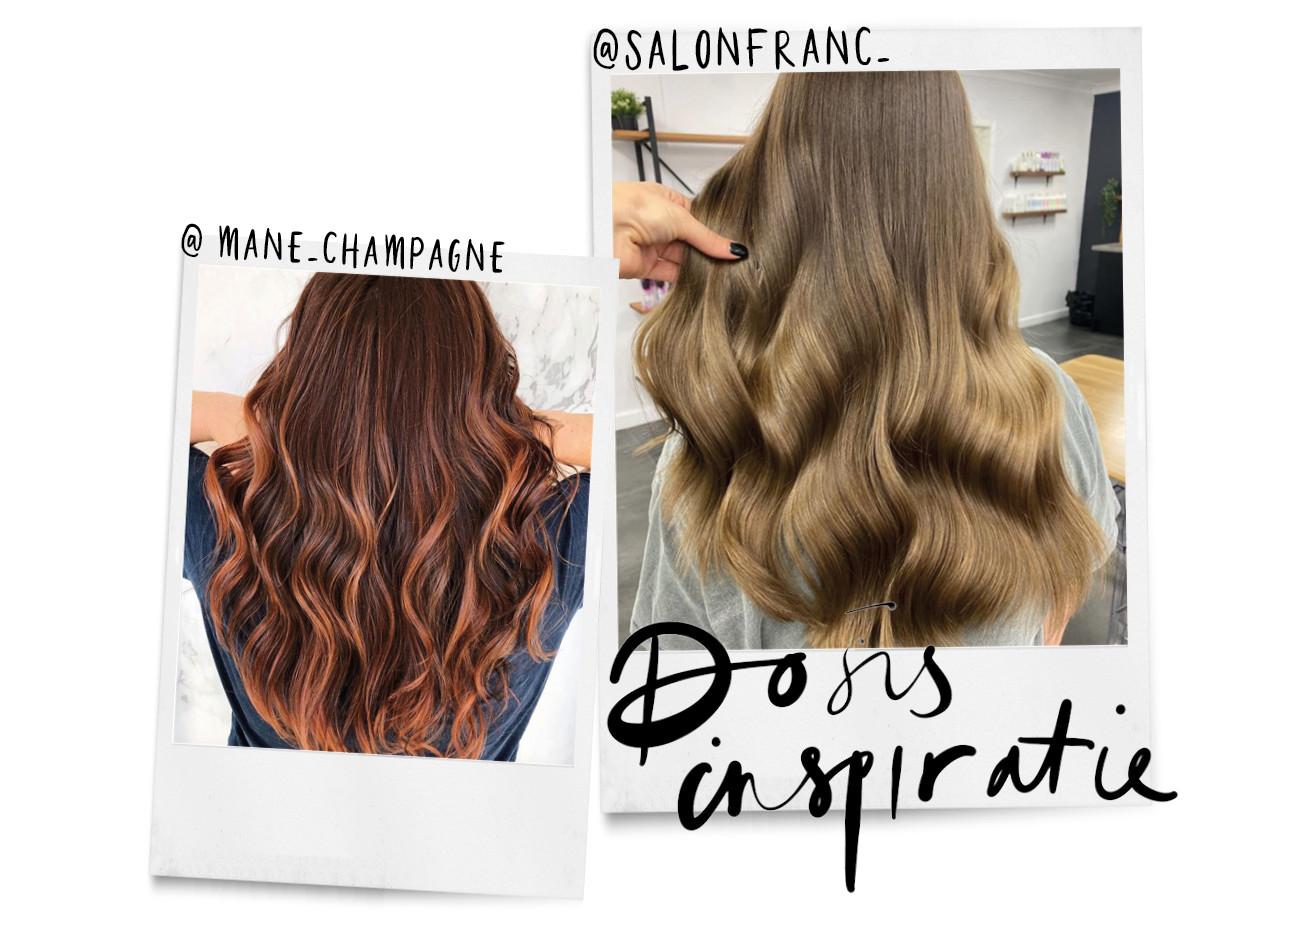 verschillende kleuren haar